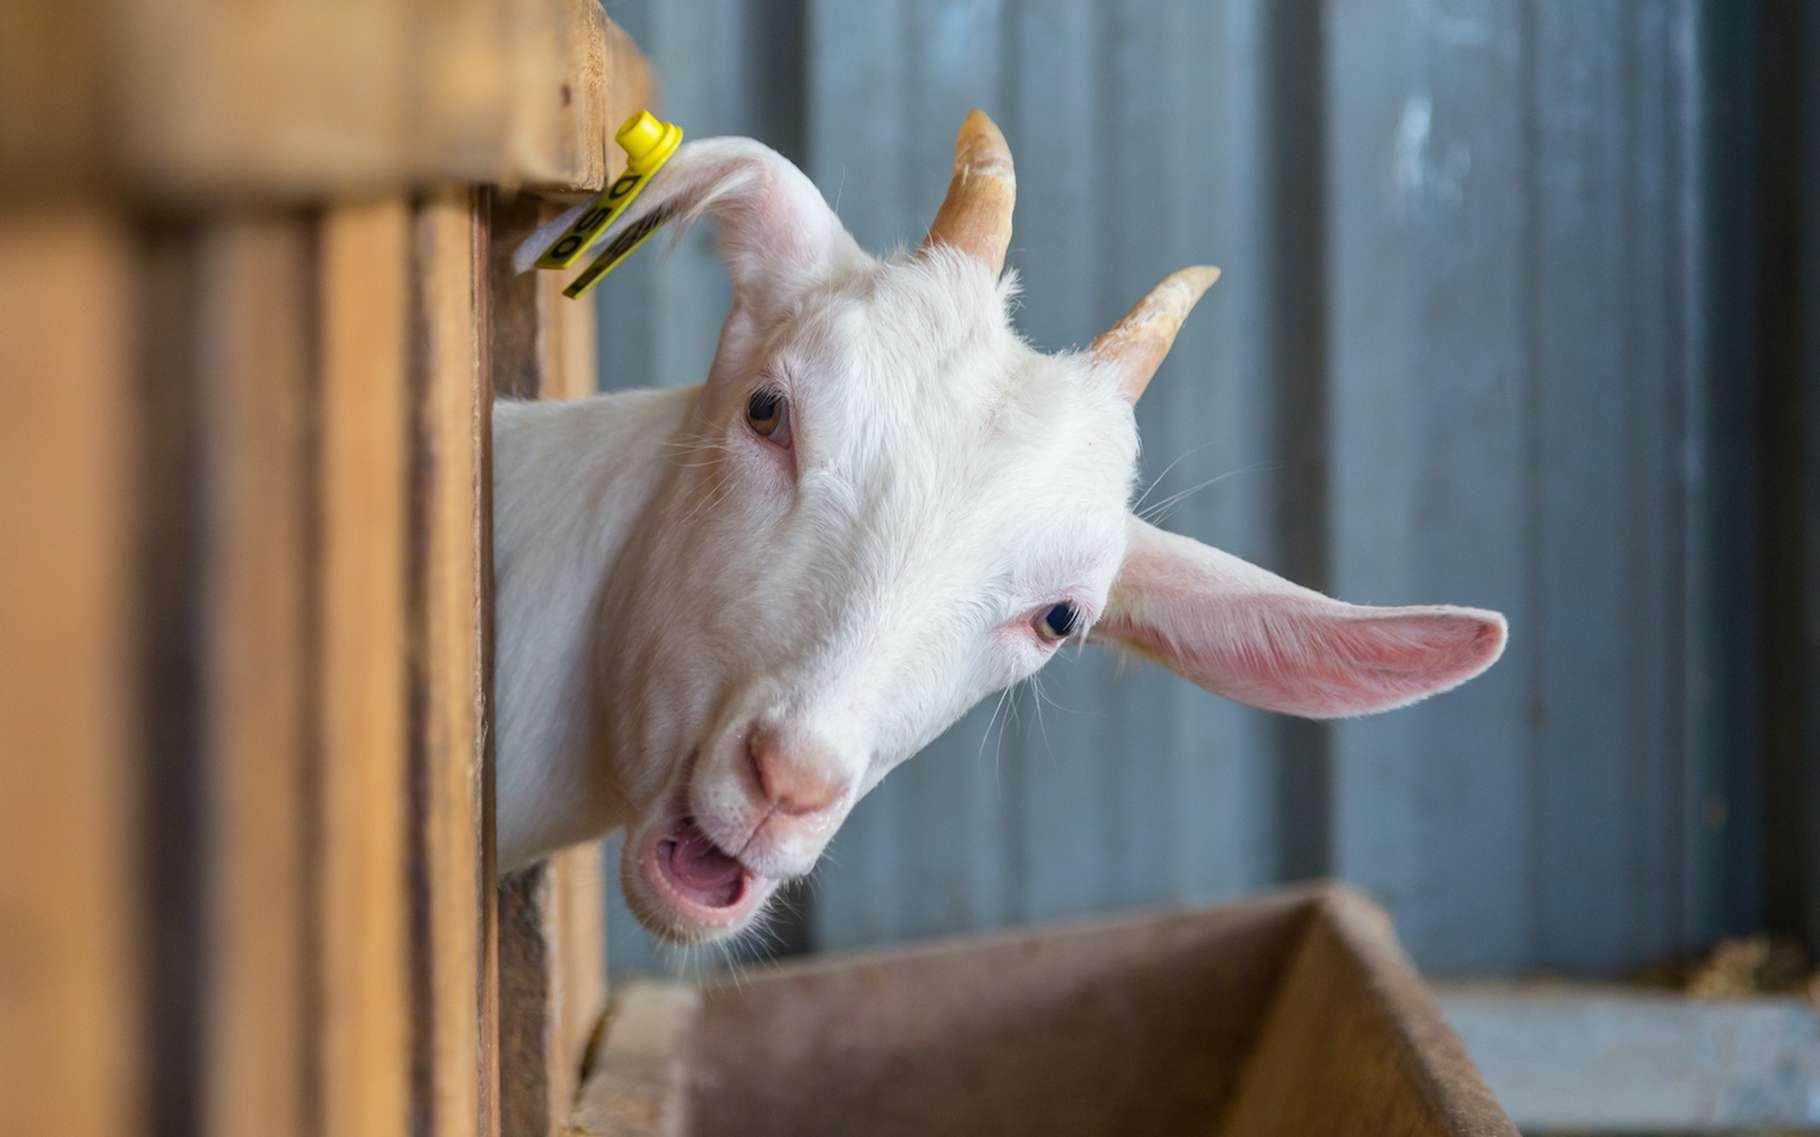 Finesse, perspicacité, ingéniosité. Ce ne sont pas les premiers mots qui nous viennent généralement à l'esprit lorsque nous pensons à une chèvre. Pourtant, les chercheurs l'ont déjà montré dans diverses situations, les chèvres ne sont pas si bêtes. © alenthien, Adobe Stock